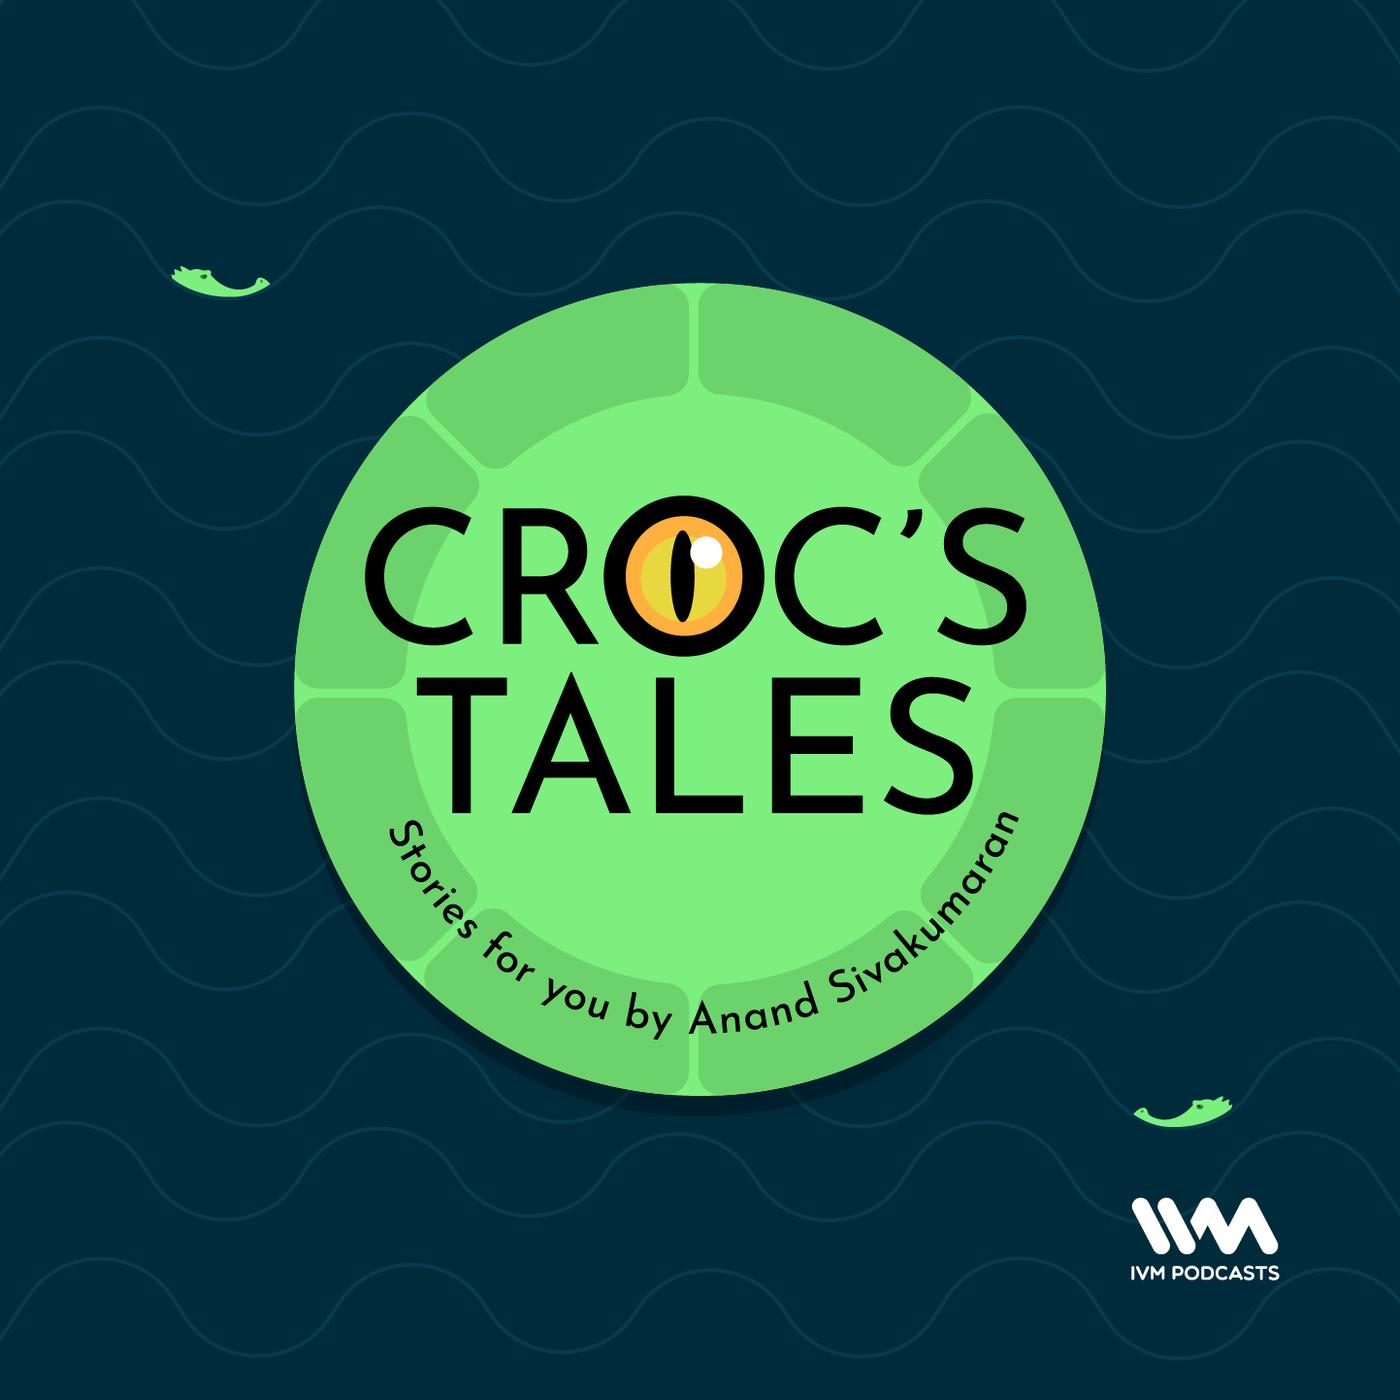 Croc's Tales |